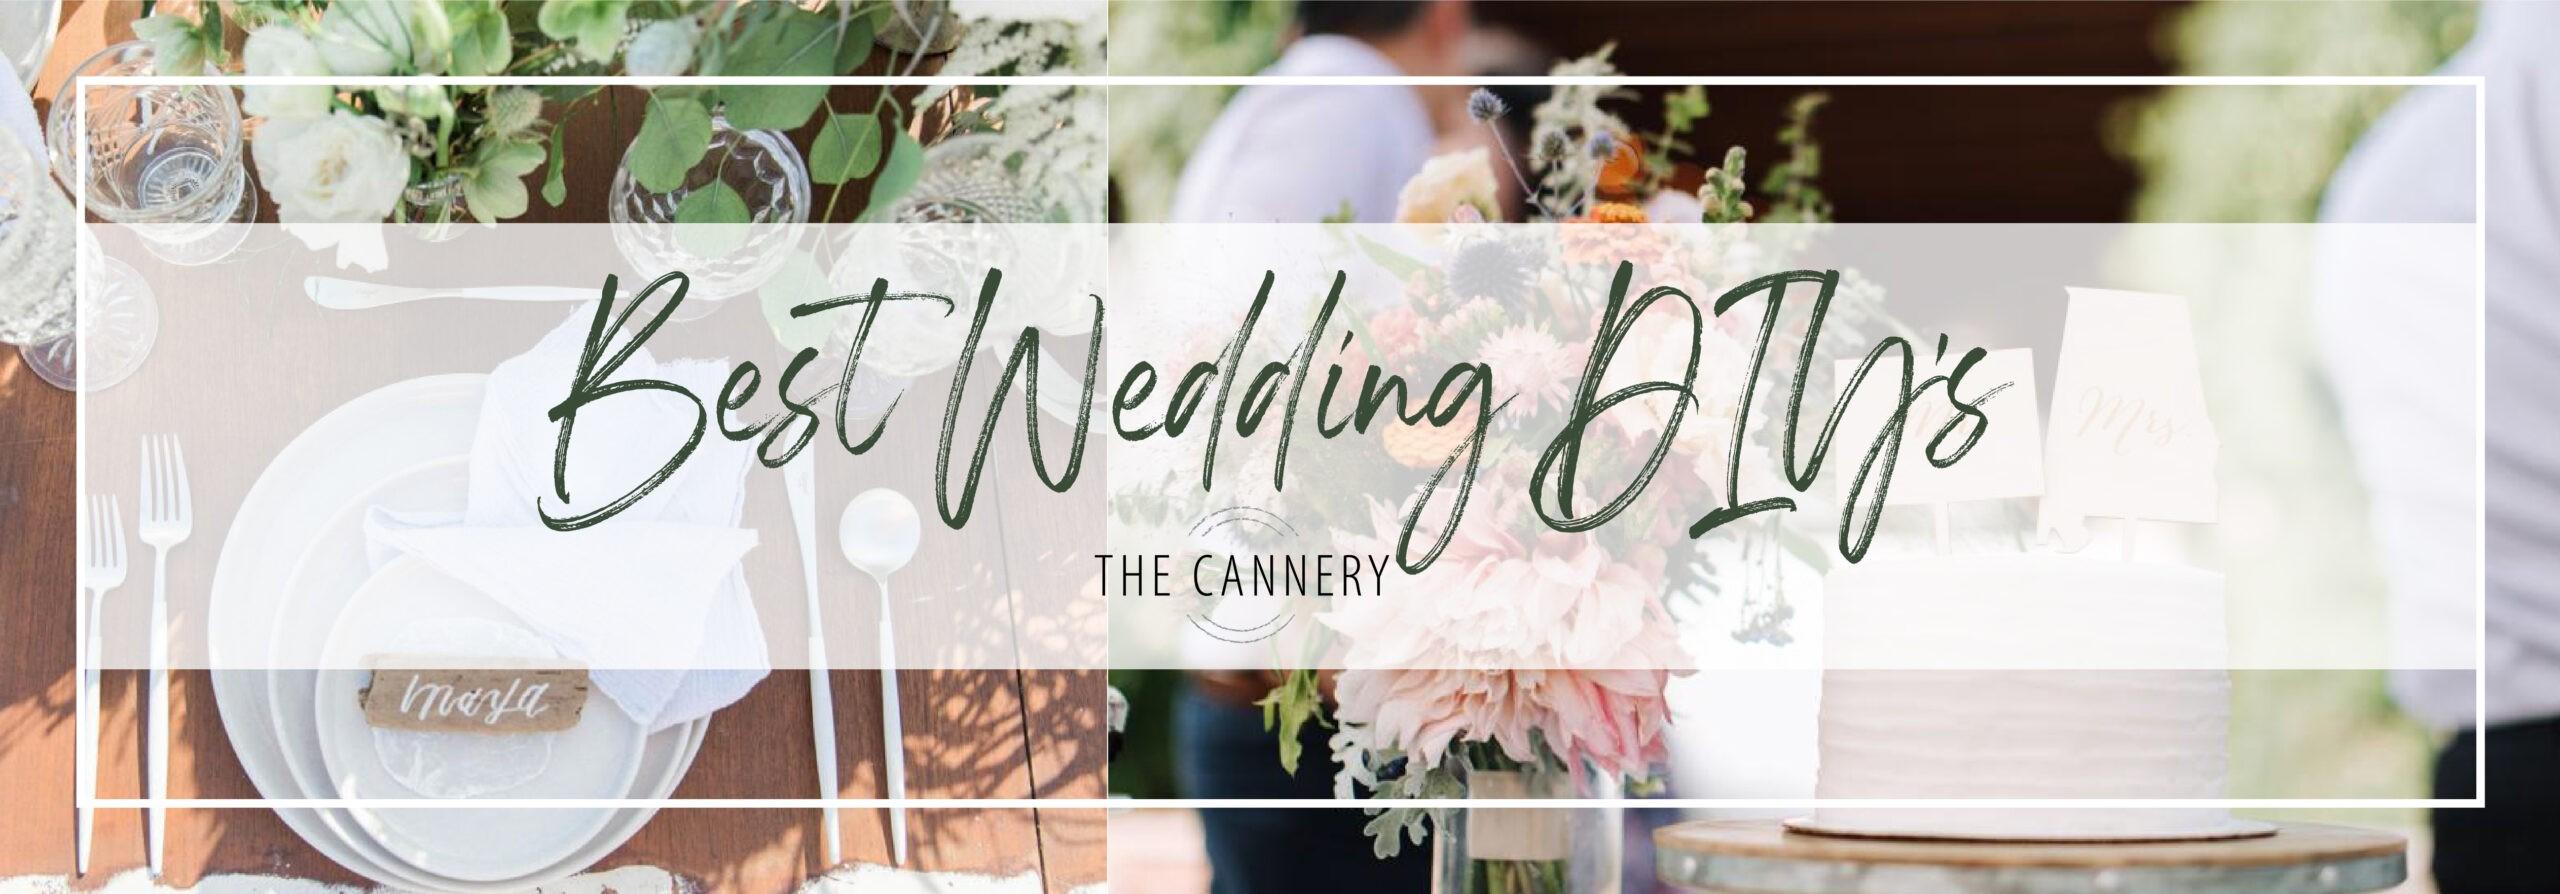 The Best Wedding DIY's